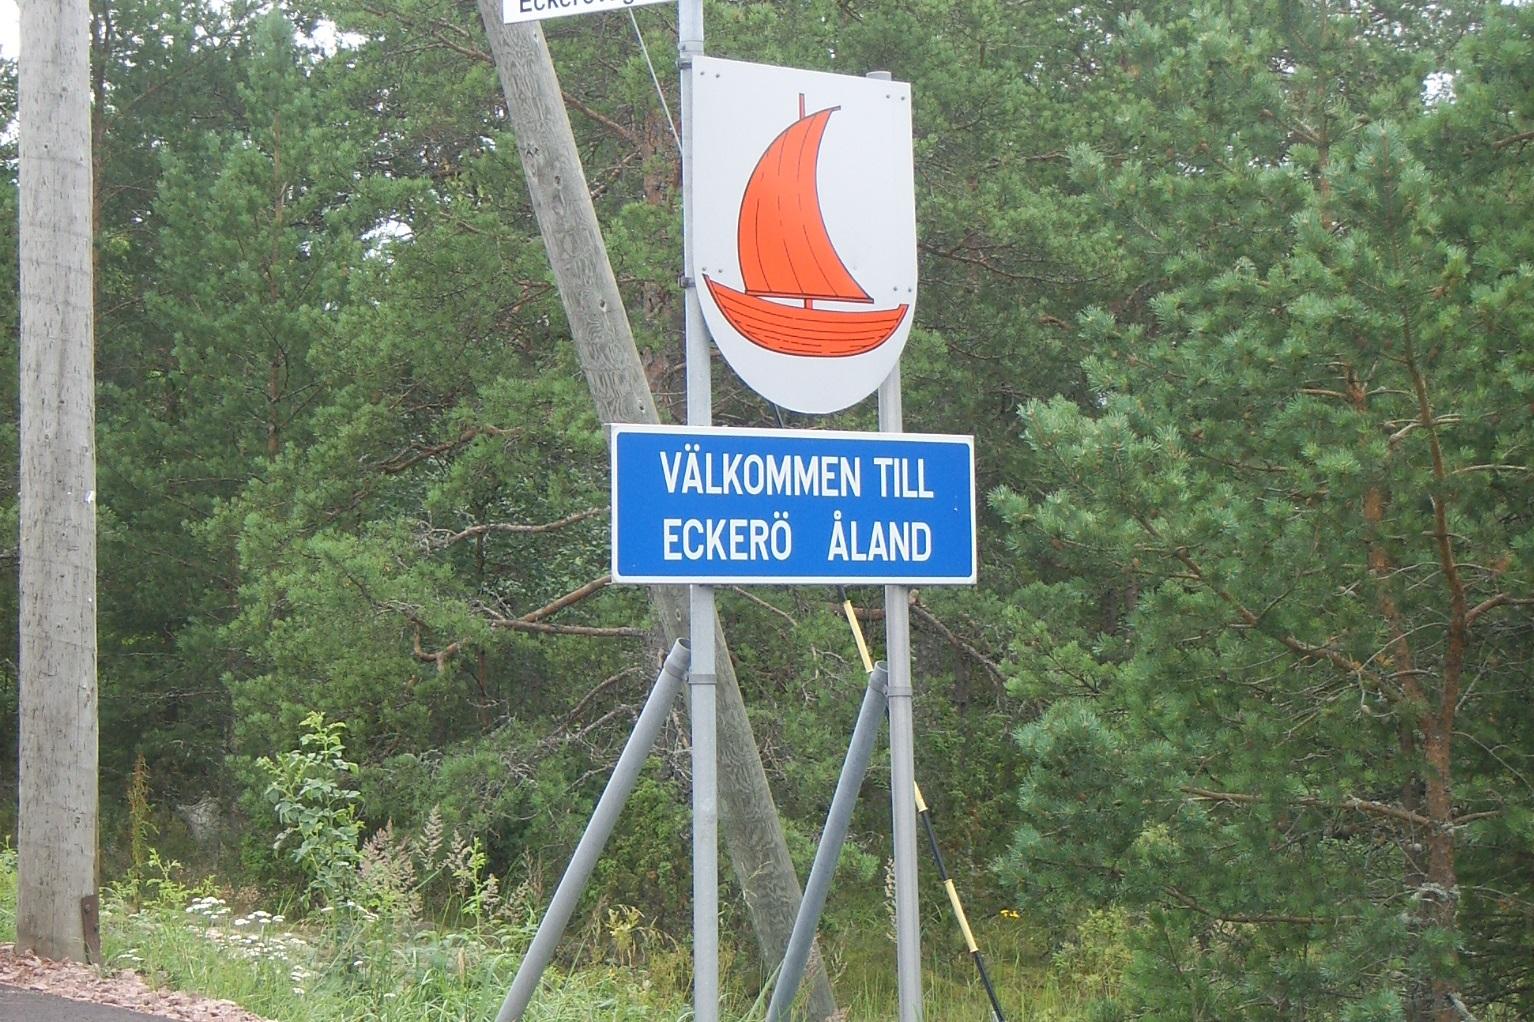 Willkommensschild auf der Insel Eckerö